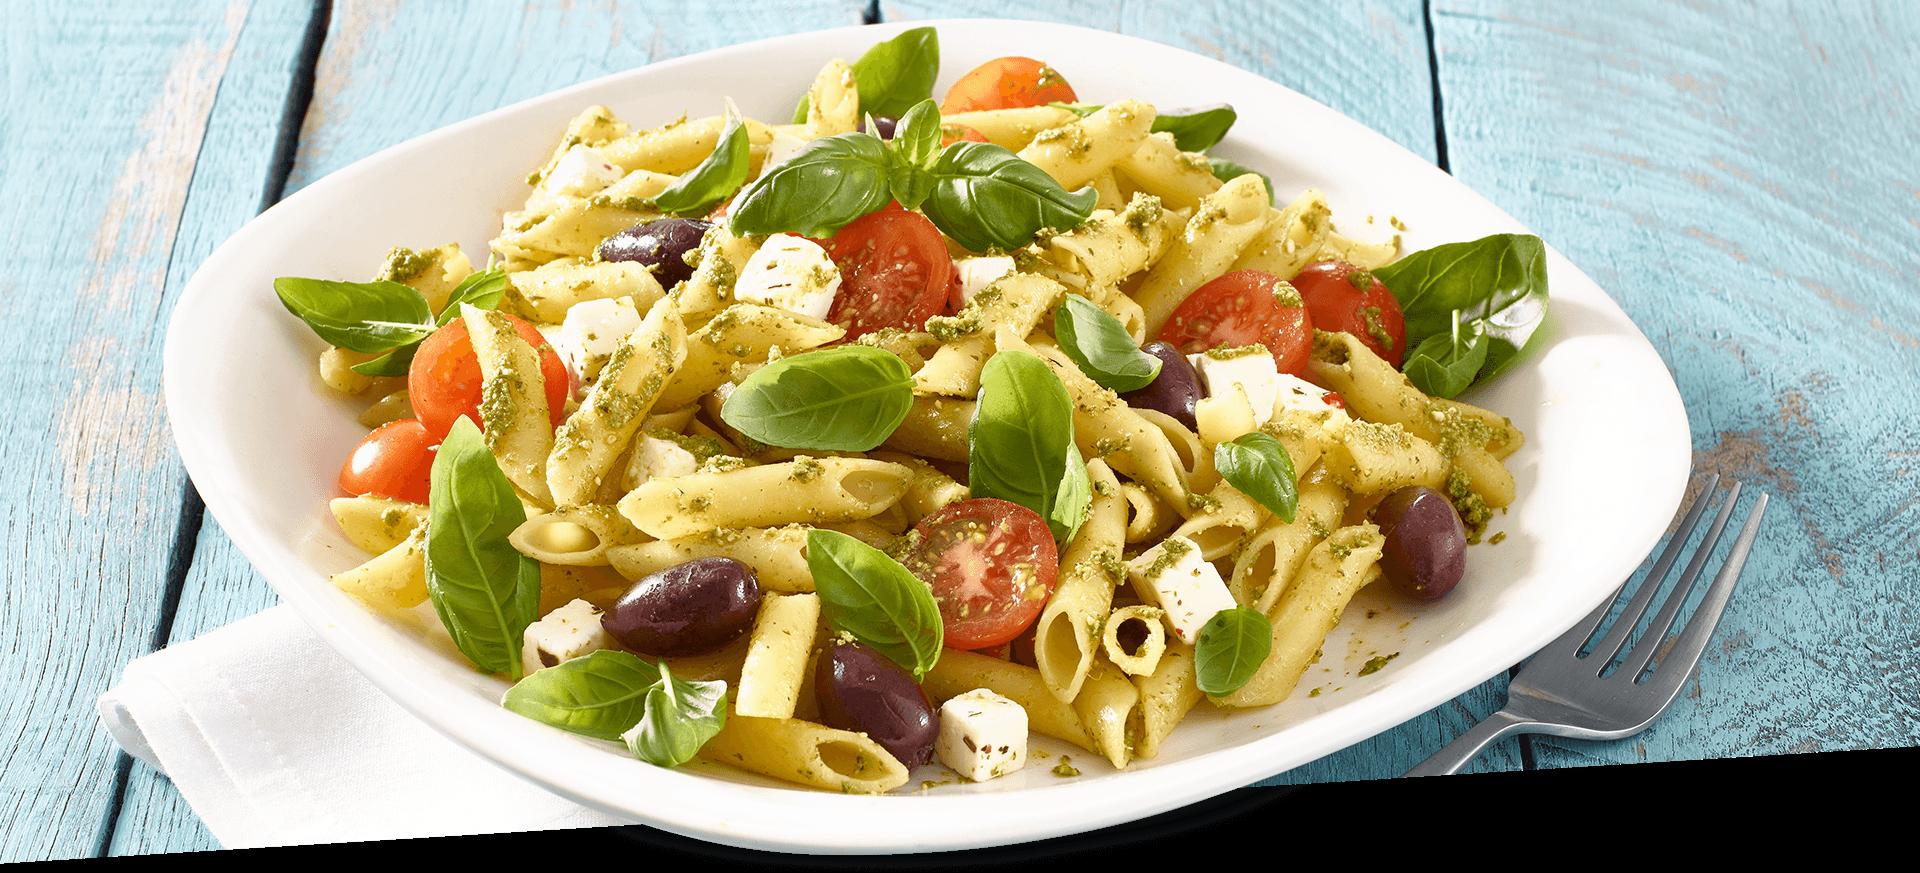 Basil Pasta Salad header BG